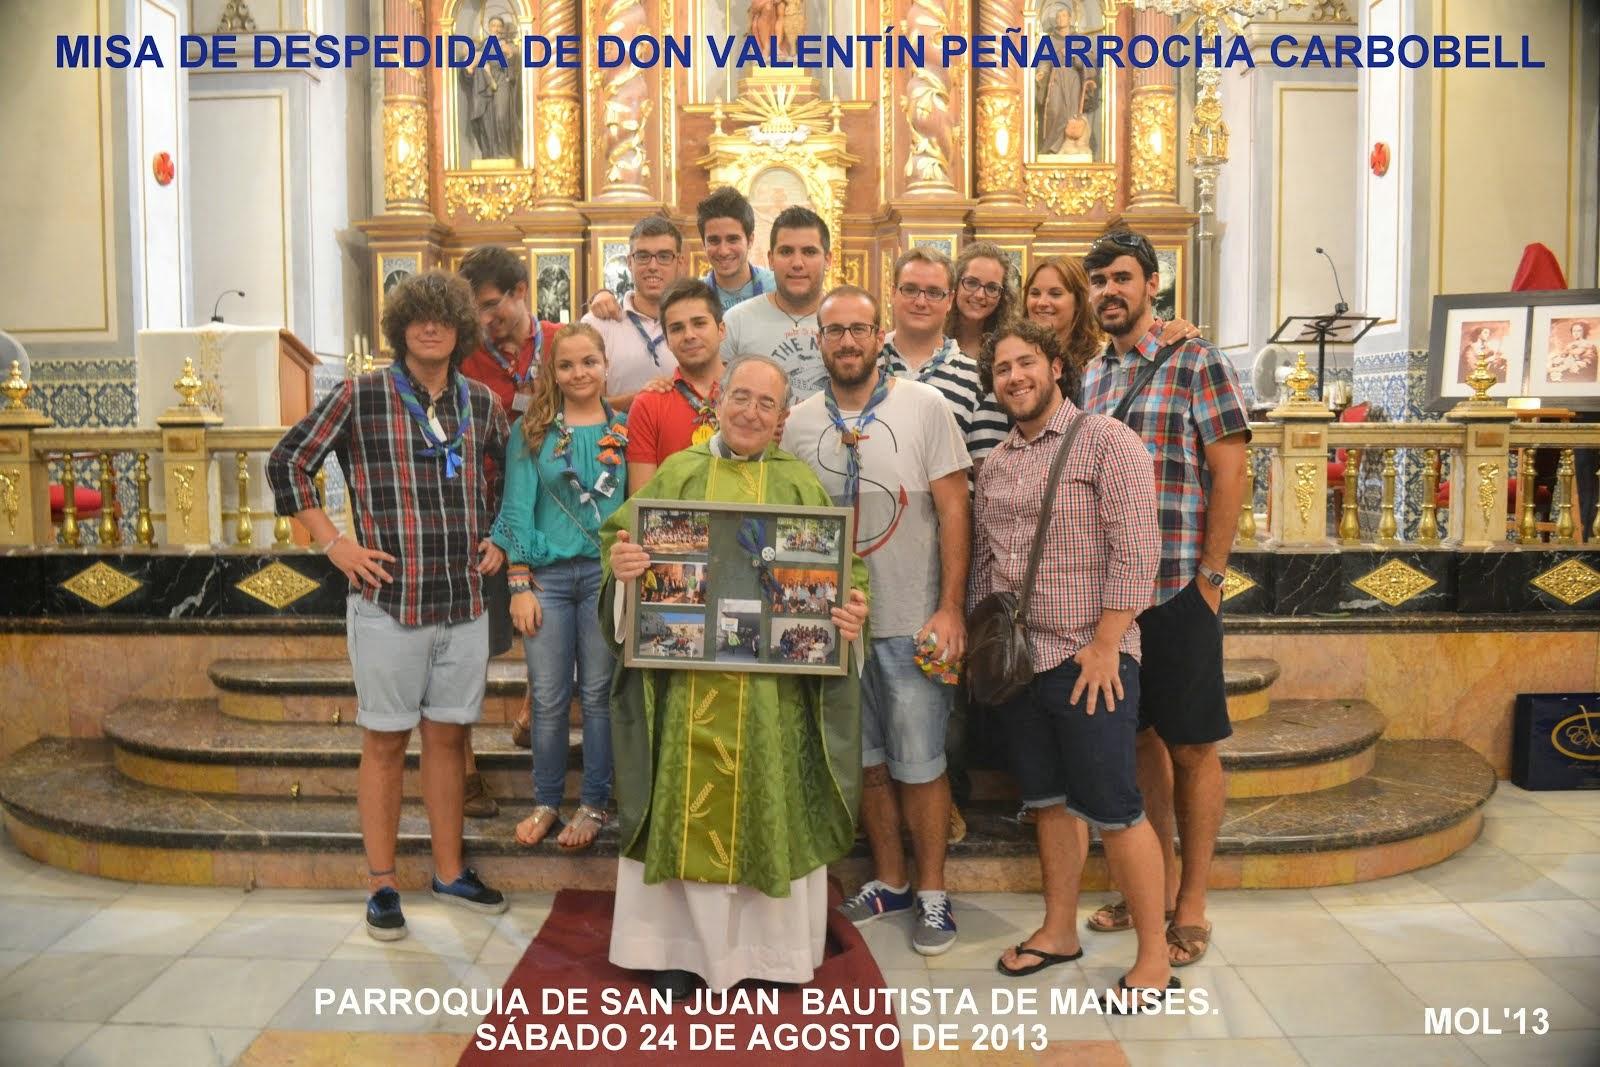 MISA DE DESPEDIDA DE DON VALENTÍN PEÑARROCHA CARBONELL, 24.08.2013